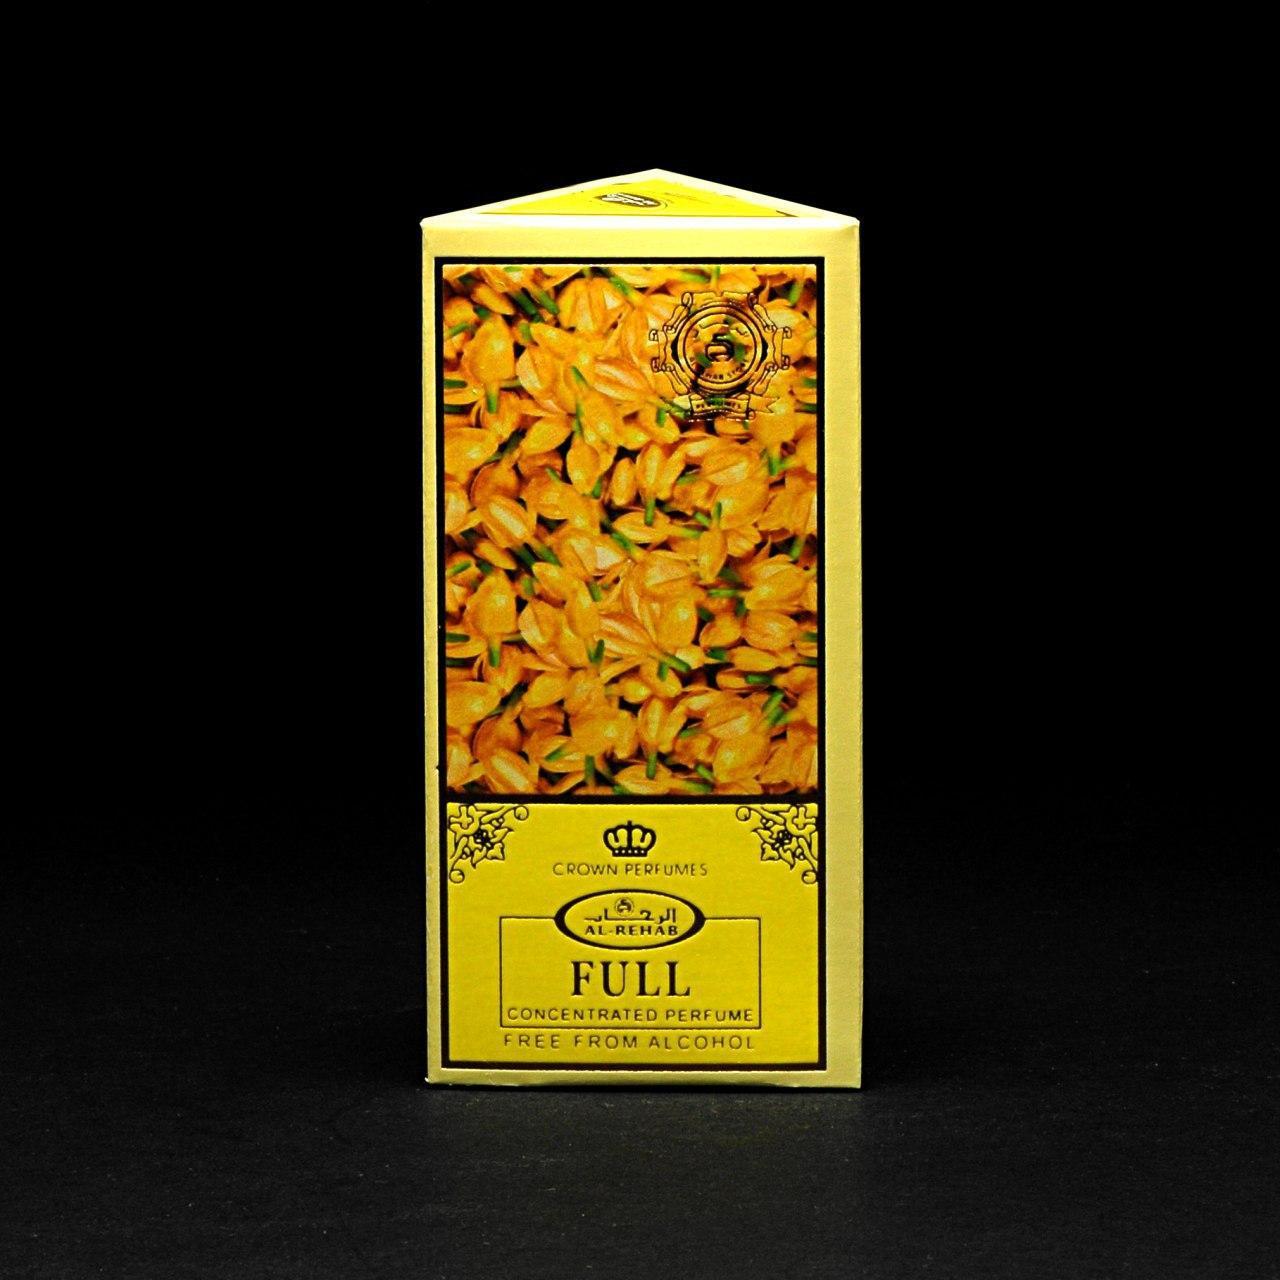 Масляні духи з ароматом жасмину FULL від Al Rehab (Фул від Аль-Рехаб) 6 мл